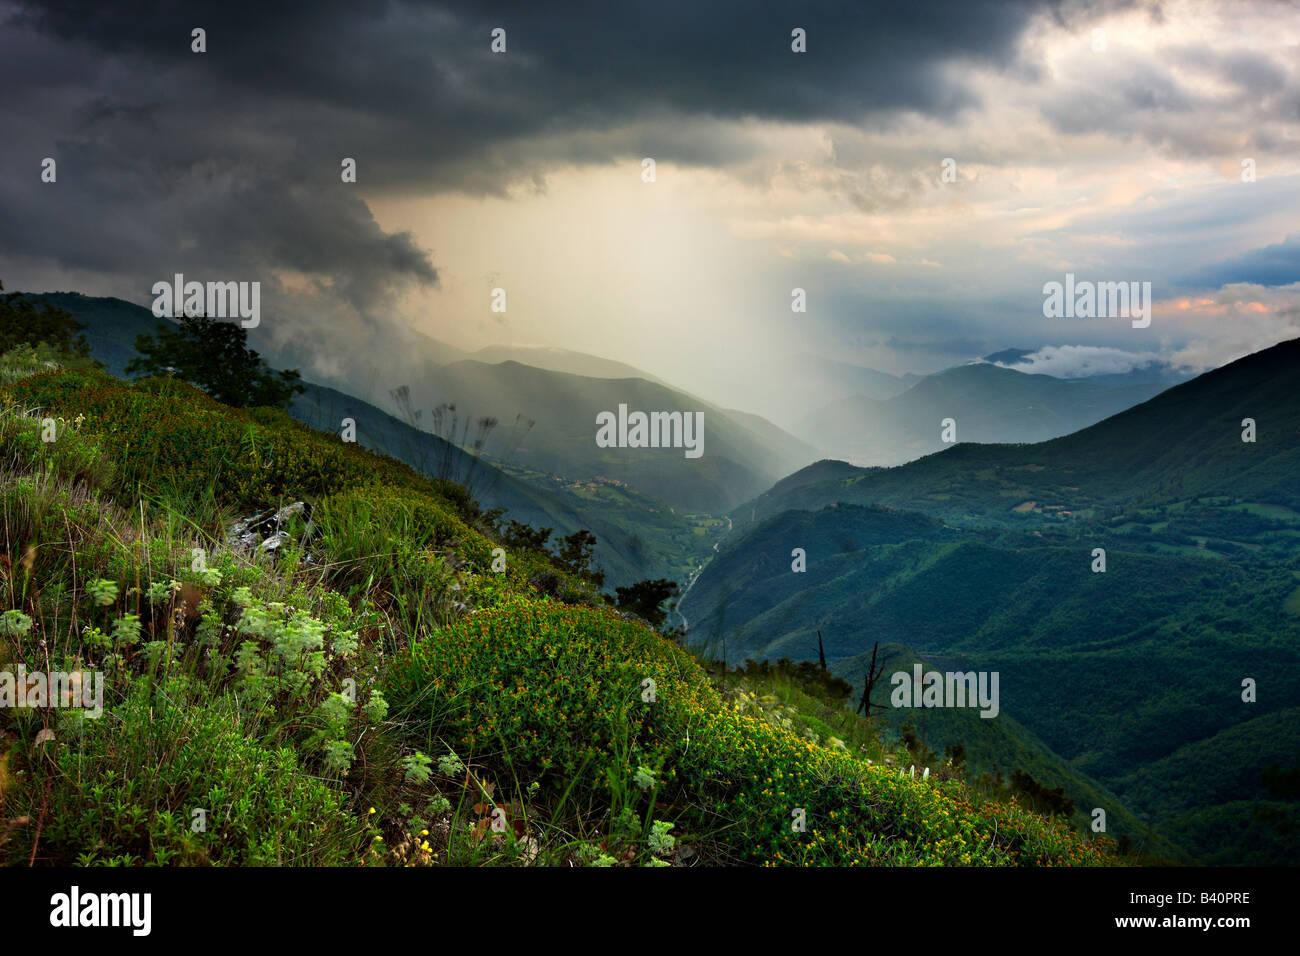 ein Frühling Sturm in die Valnerina in der Nähe von Meggiano, Umbrien, Italien Stockfoto